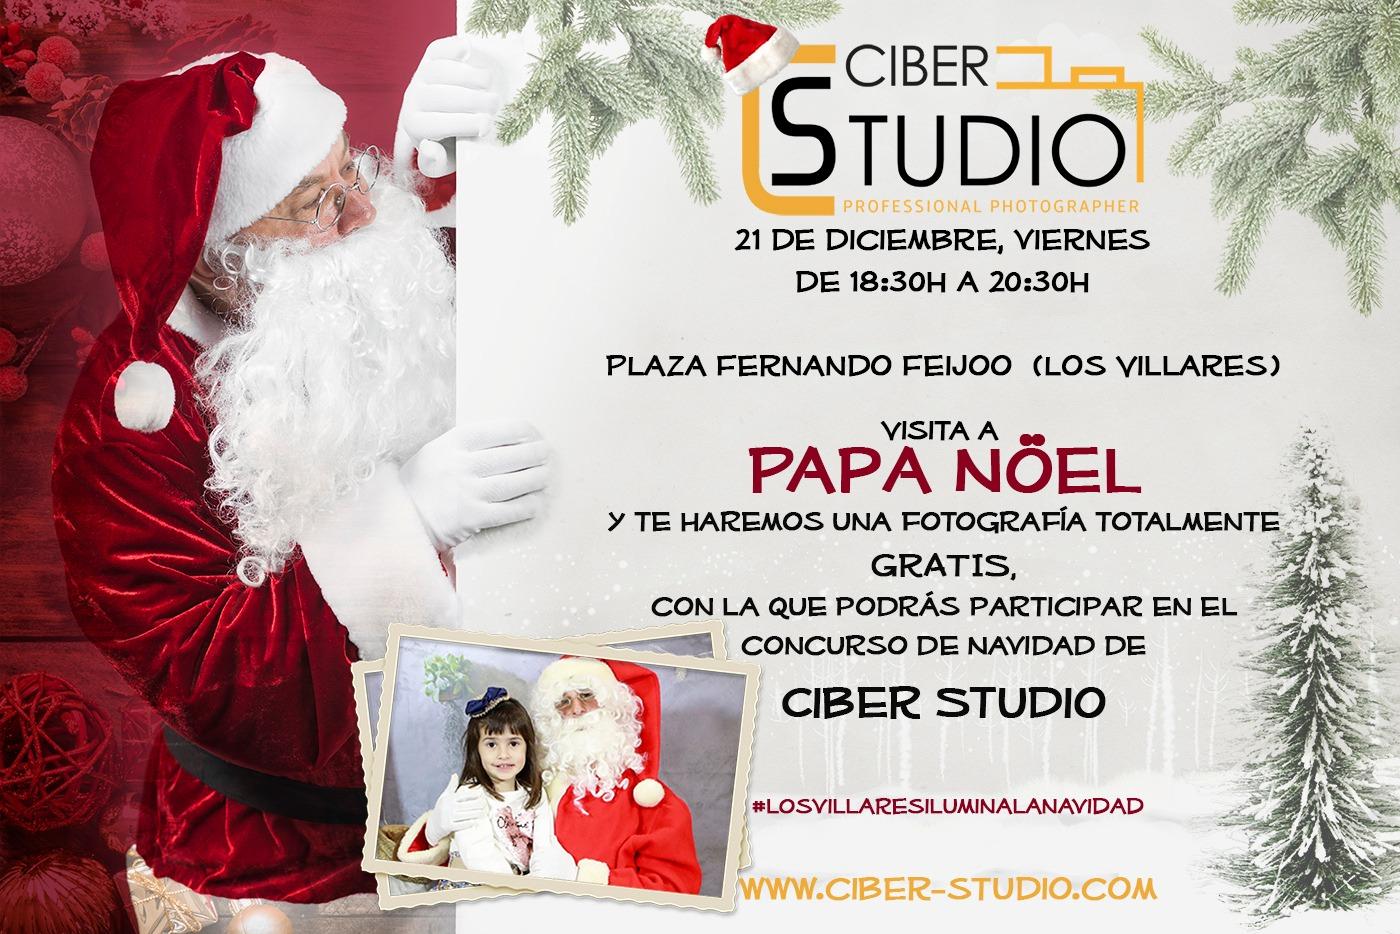 Imagenes Gratis De Papa Noel.Papa Noel Visita Los Villares Para Regalar Fotografias De